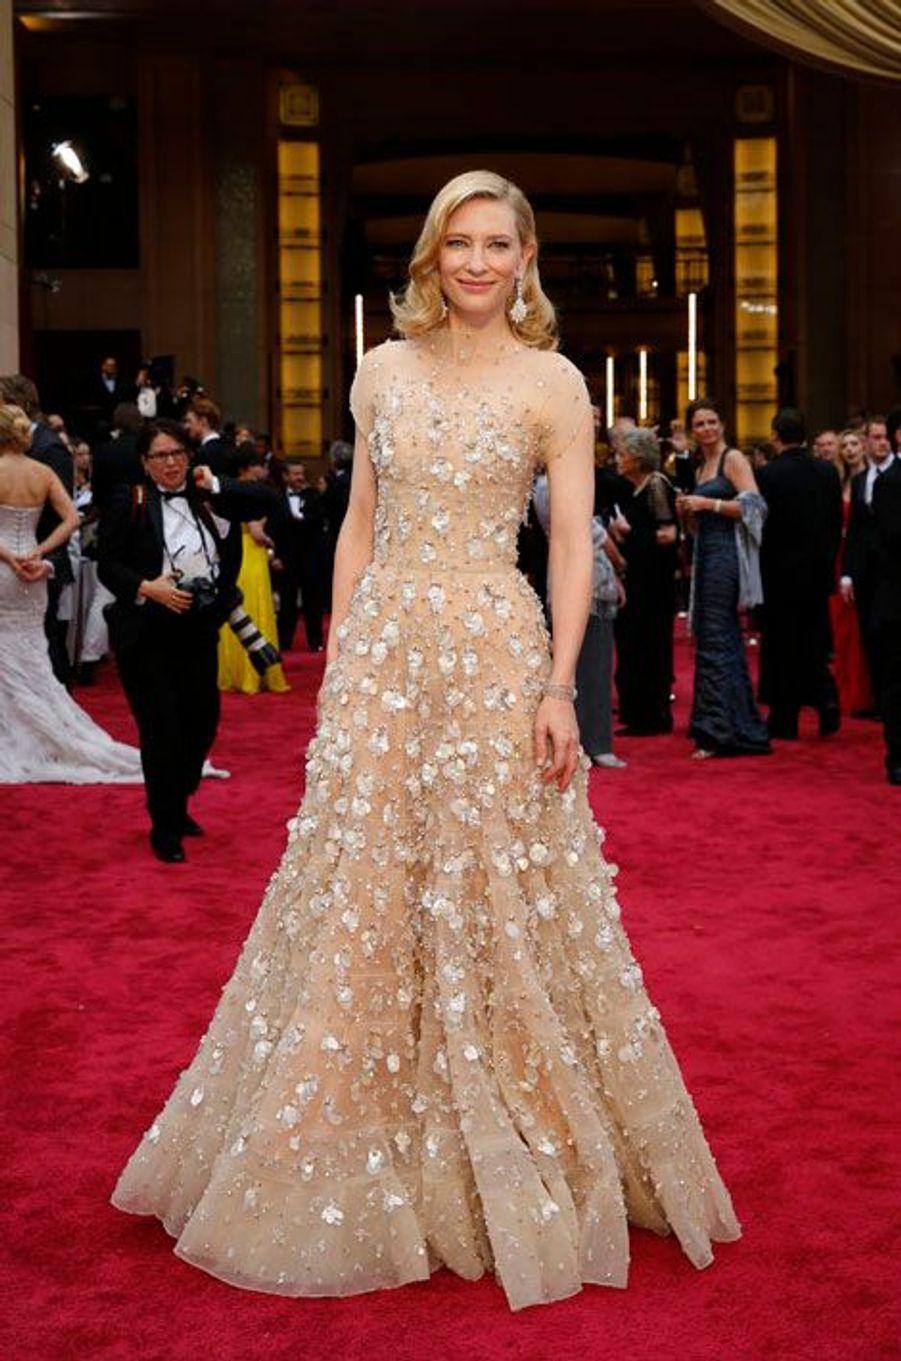 La cérémonie des Oscars s'est déroulée dimanche soir à Los Angeles. Comme chaque année, les actrices ont sorti leur plus belle robe pour briller sur le tapis rouge. Qui de Cate Blanchett, Jennifer Lawrence ou Angelina Jolie a su tirer son épingle du jeu? A vous de voter en attribuant à chacune, de une à cinq étoiles.